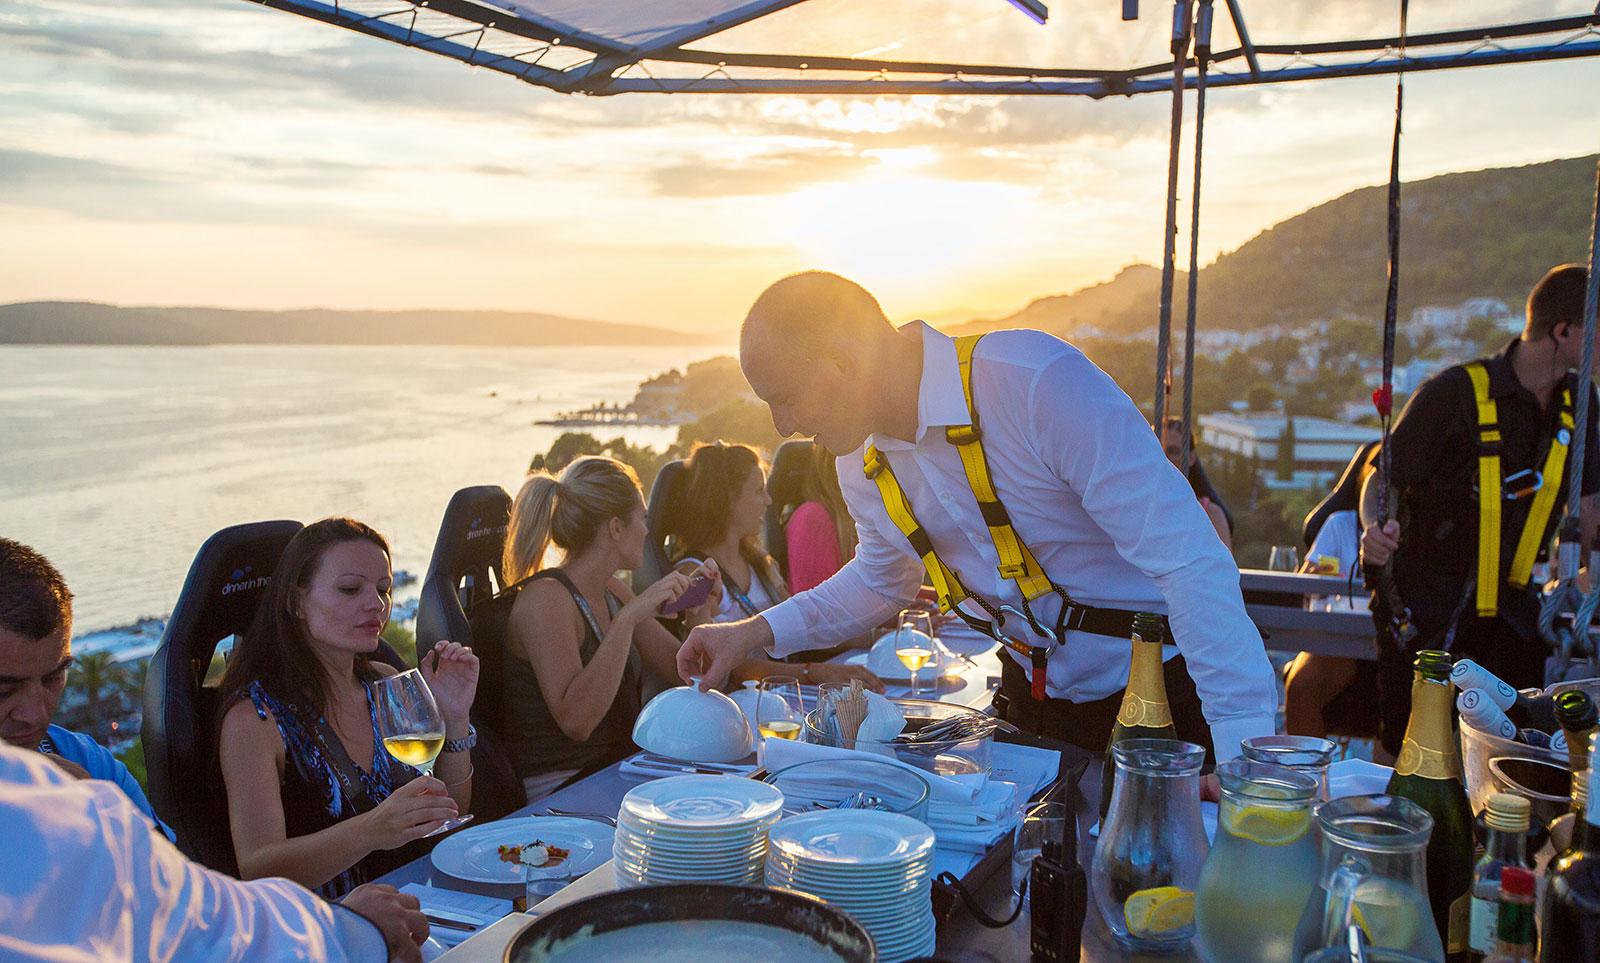 Dinner-in-the-sky-mallorca-dinner-im-himmel-sky-catering-mallorca-8